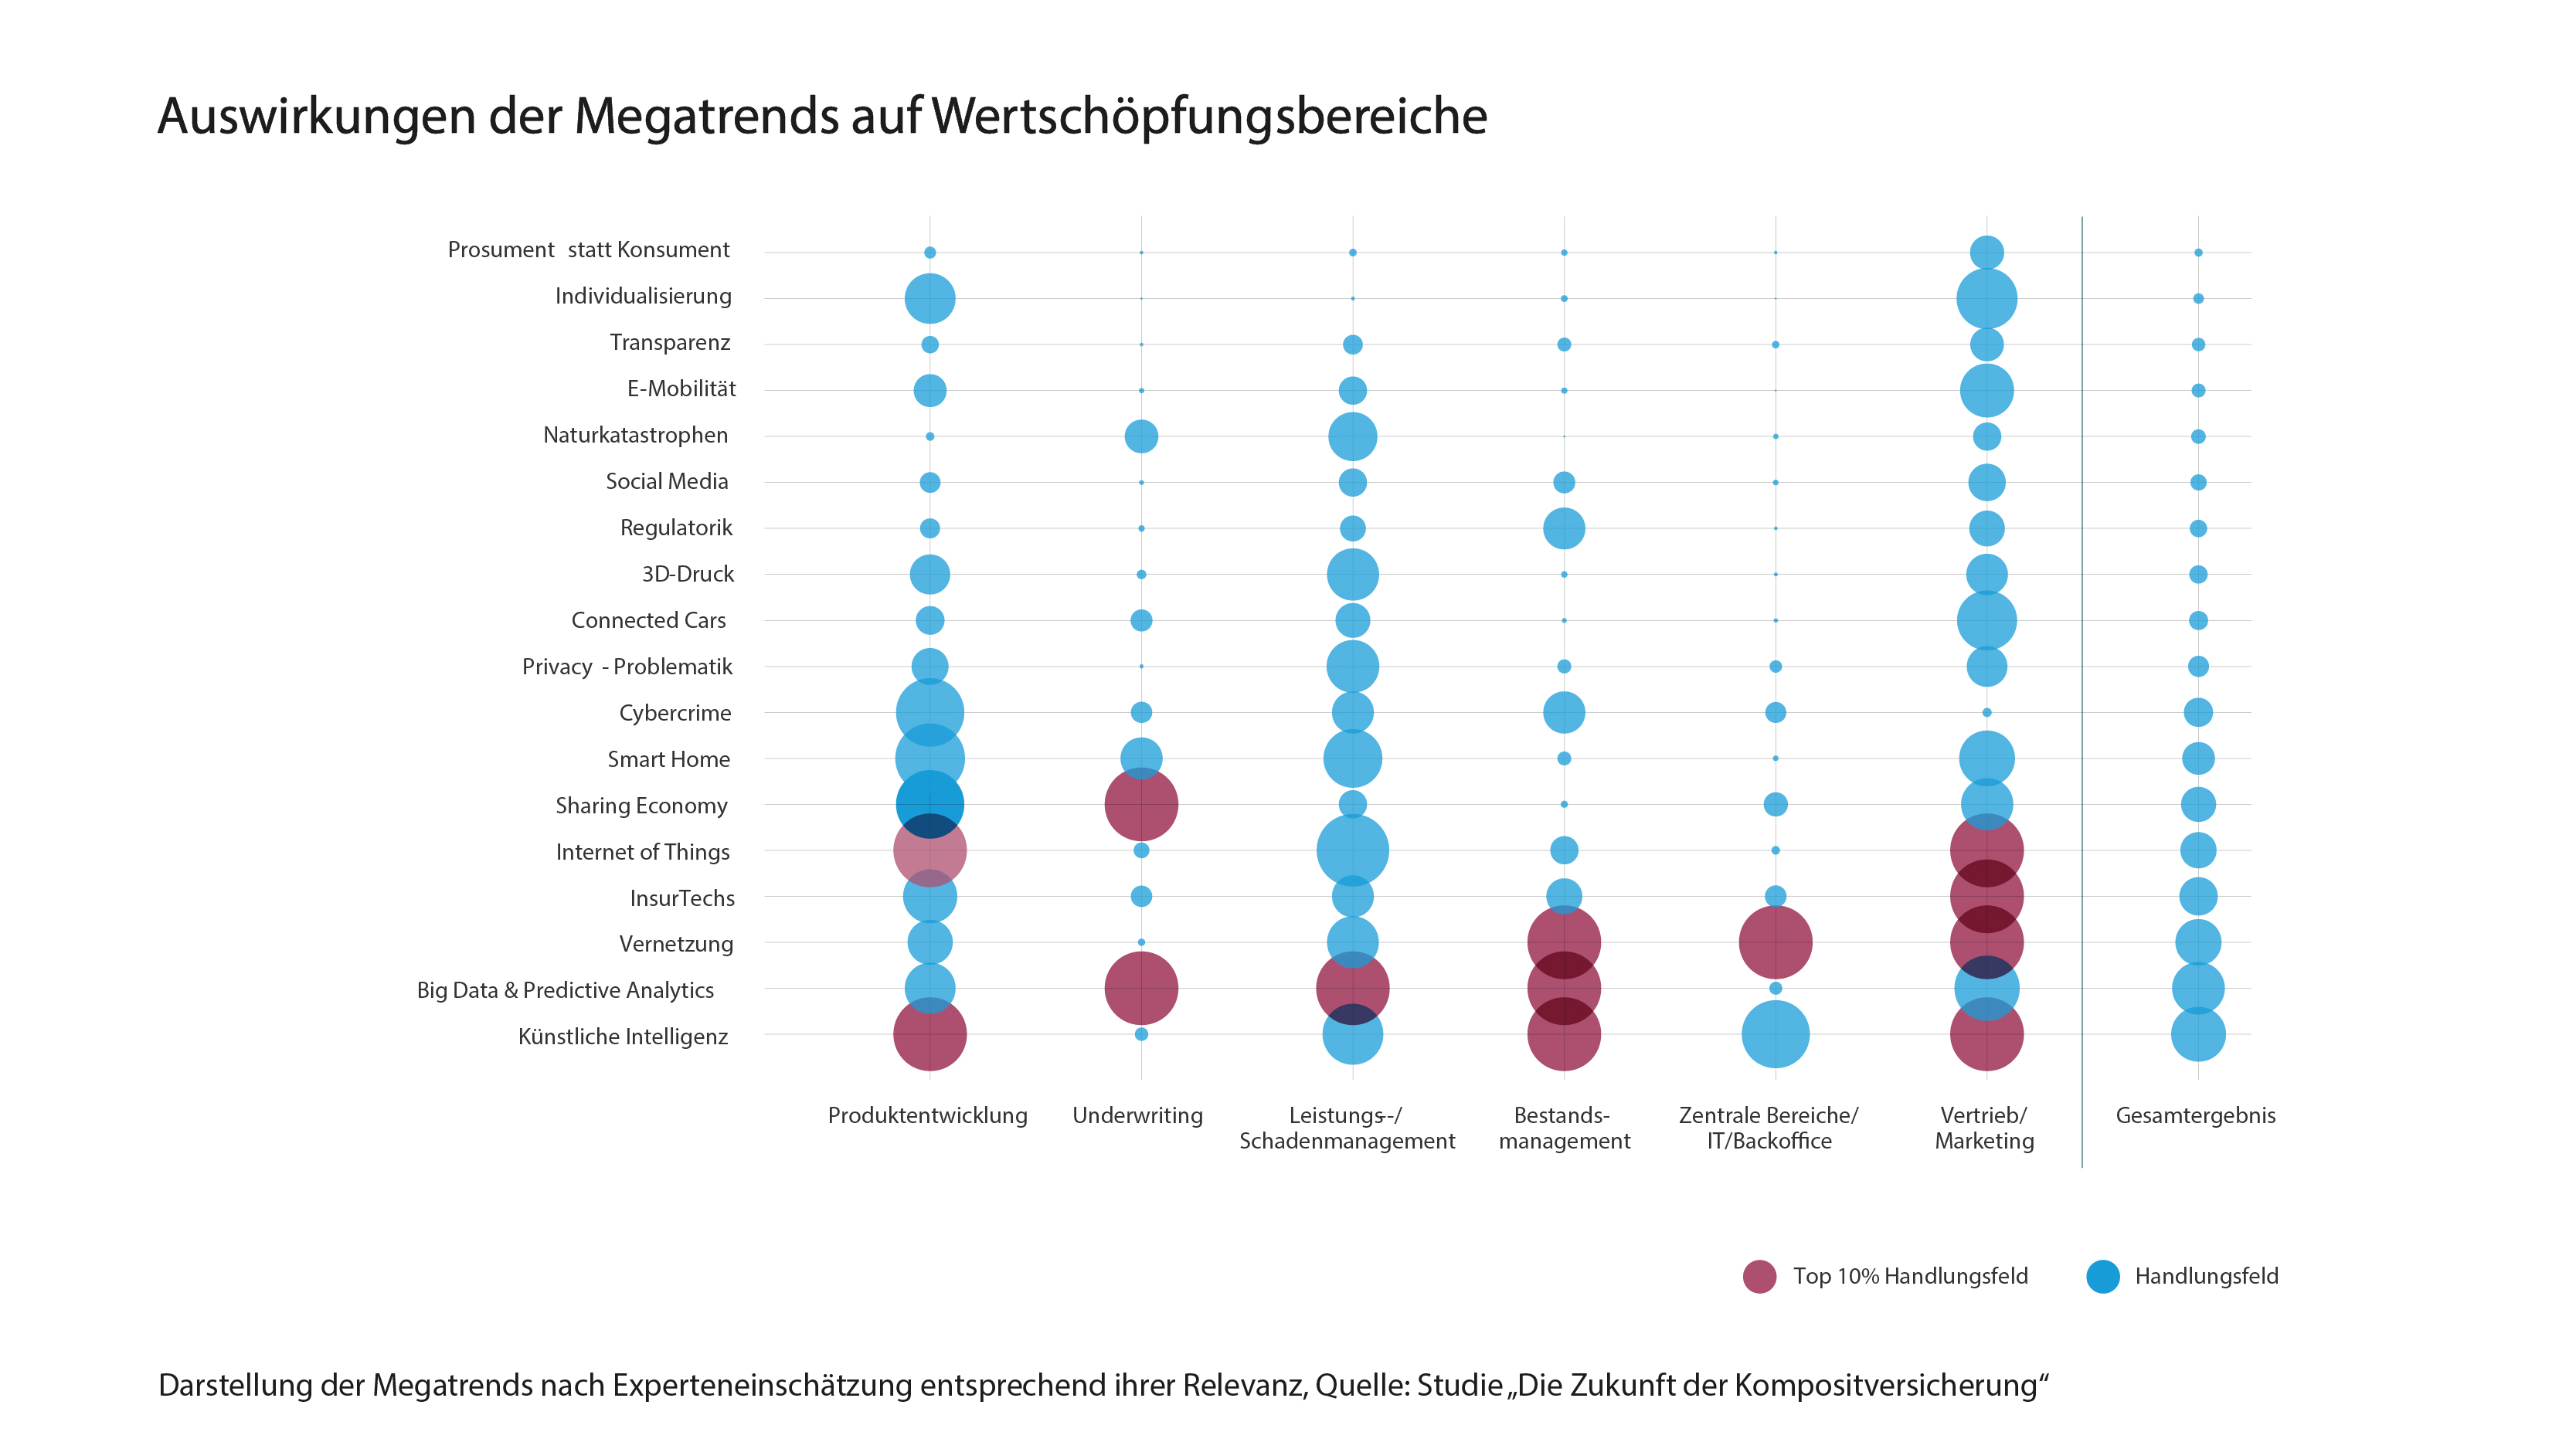 Studie_Kompositverischerung_Abbildung_Auswirkung_Megatrends